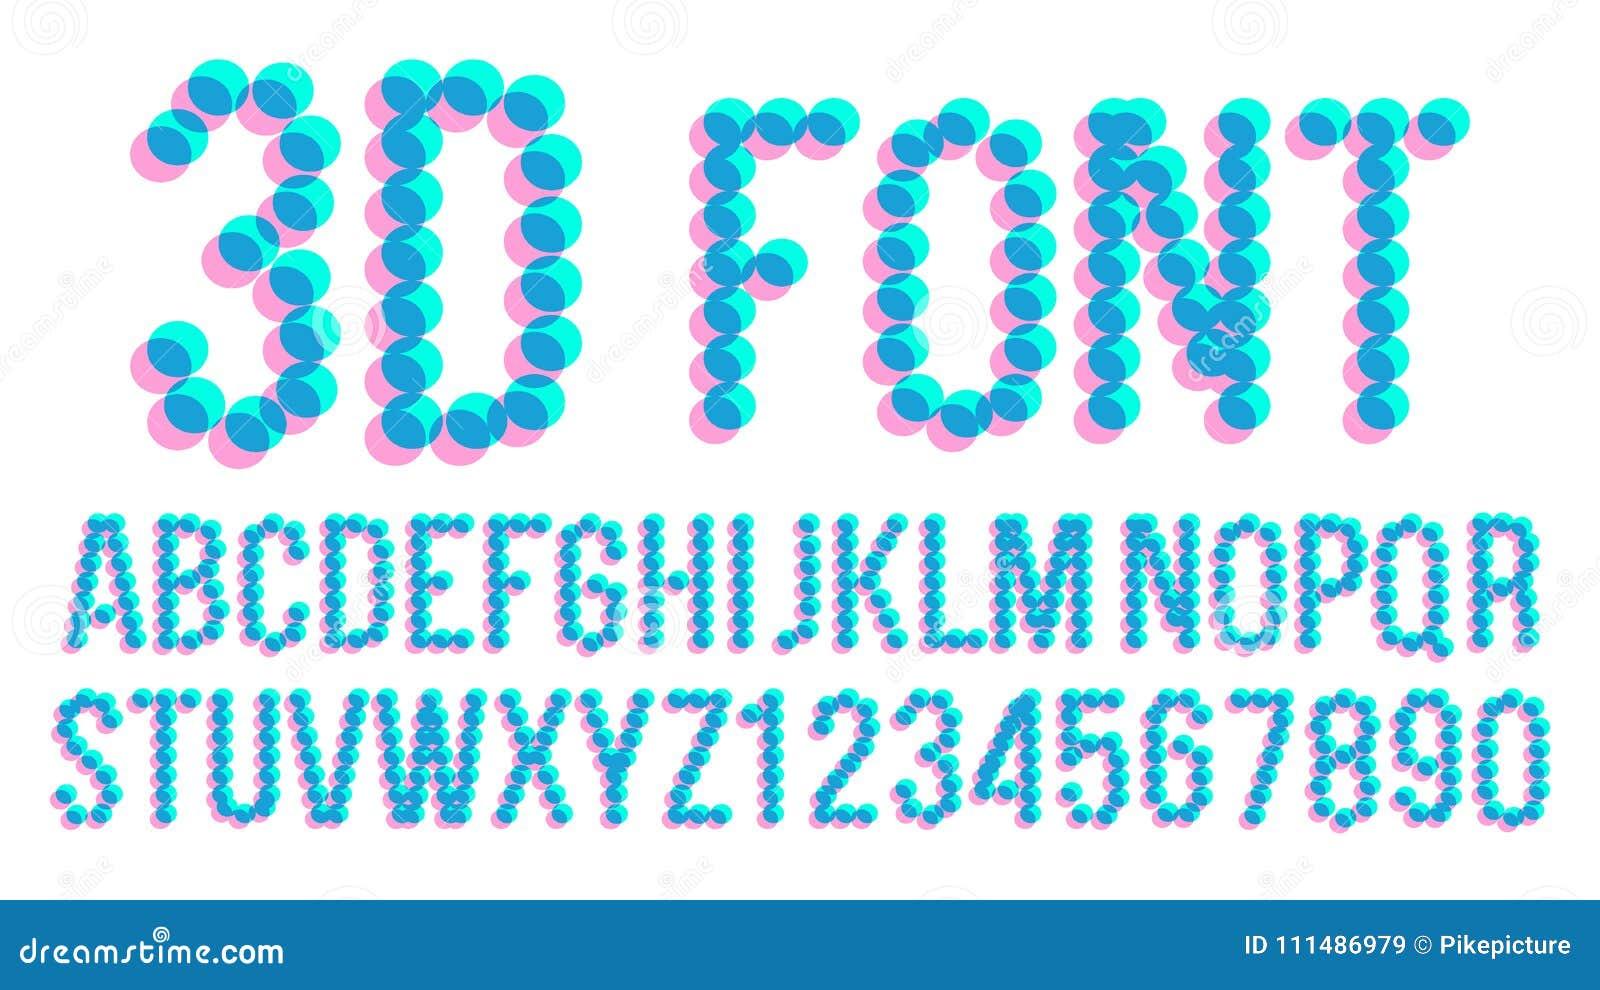 Guss Vektor Des Pixel 3d Futuristisches Alphabet Abc Anaglyphic